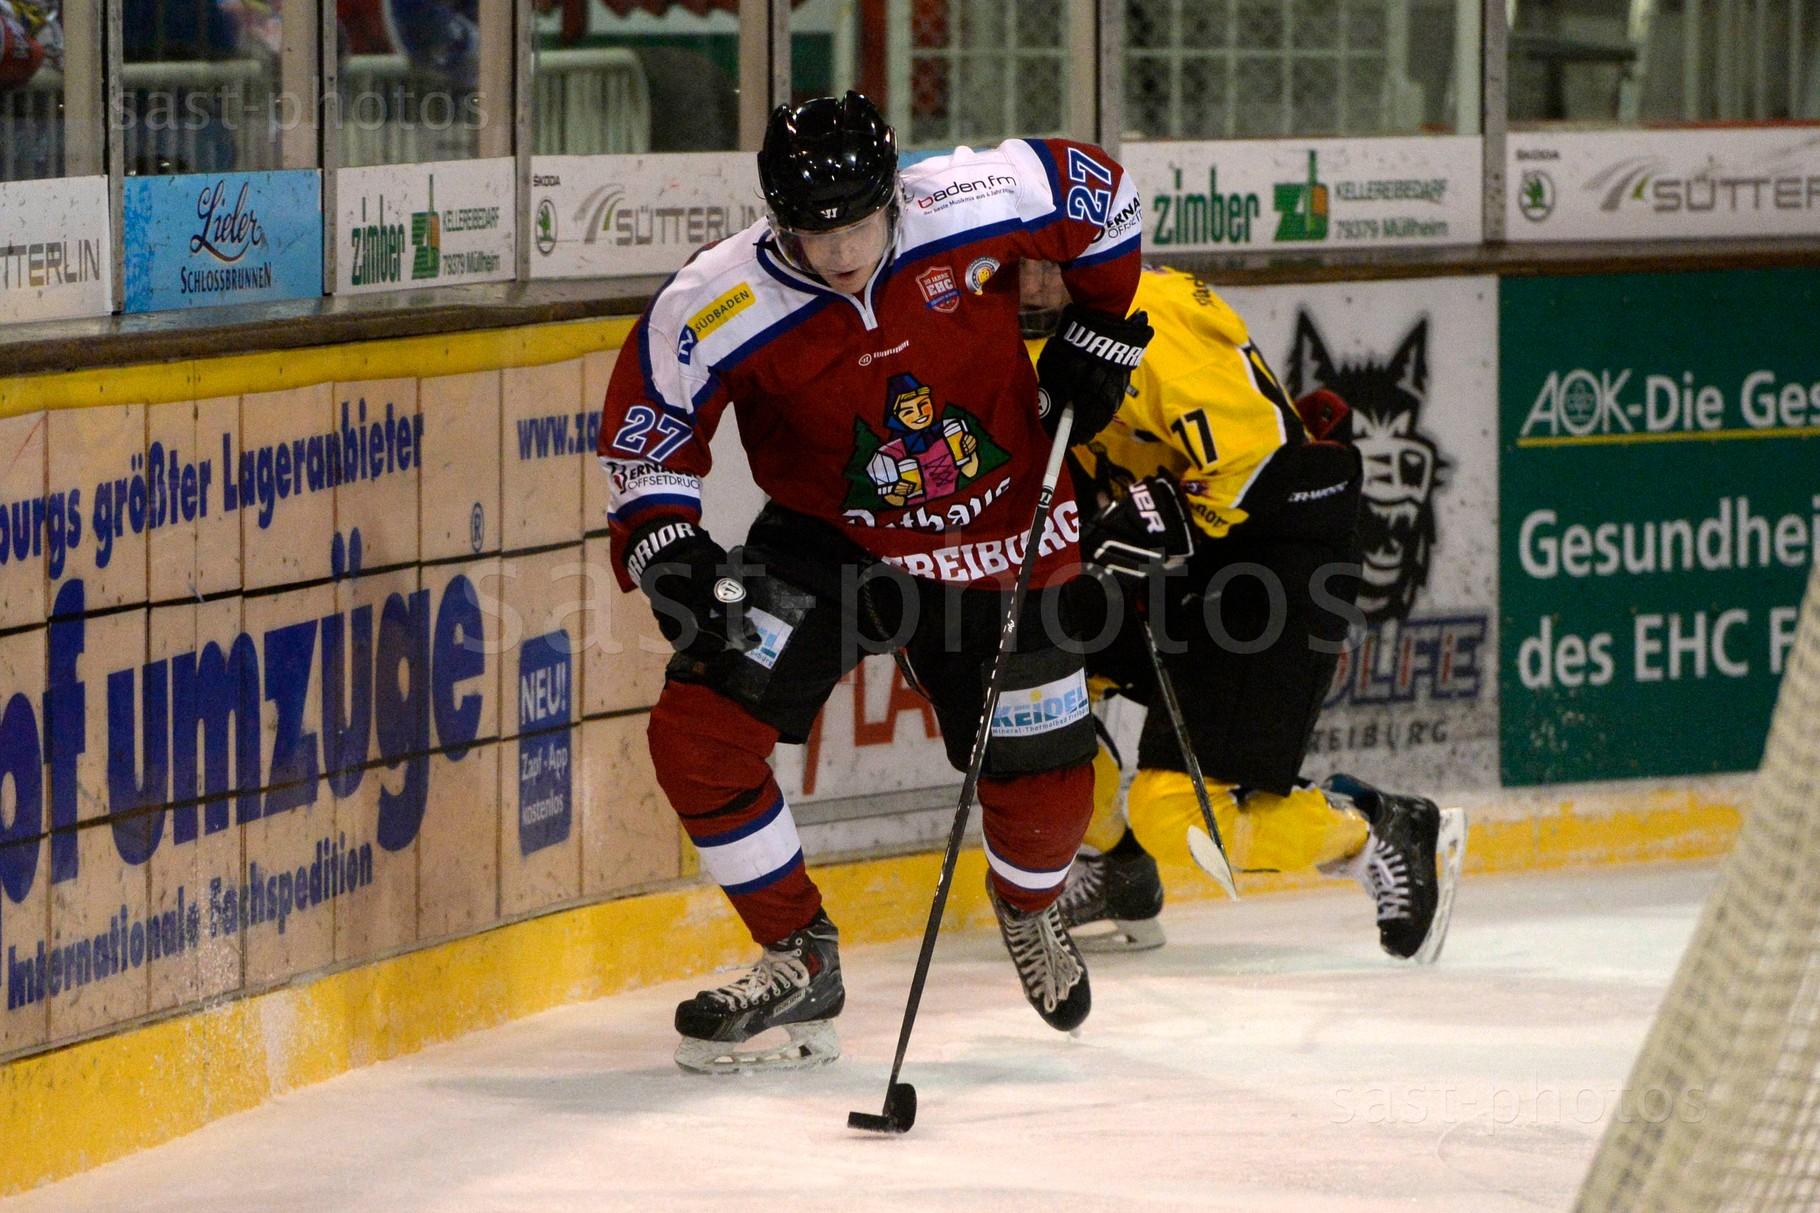 Jakub Wiecki (Freiburg) gegen Christian Kolacny (Bad Toelz)